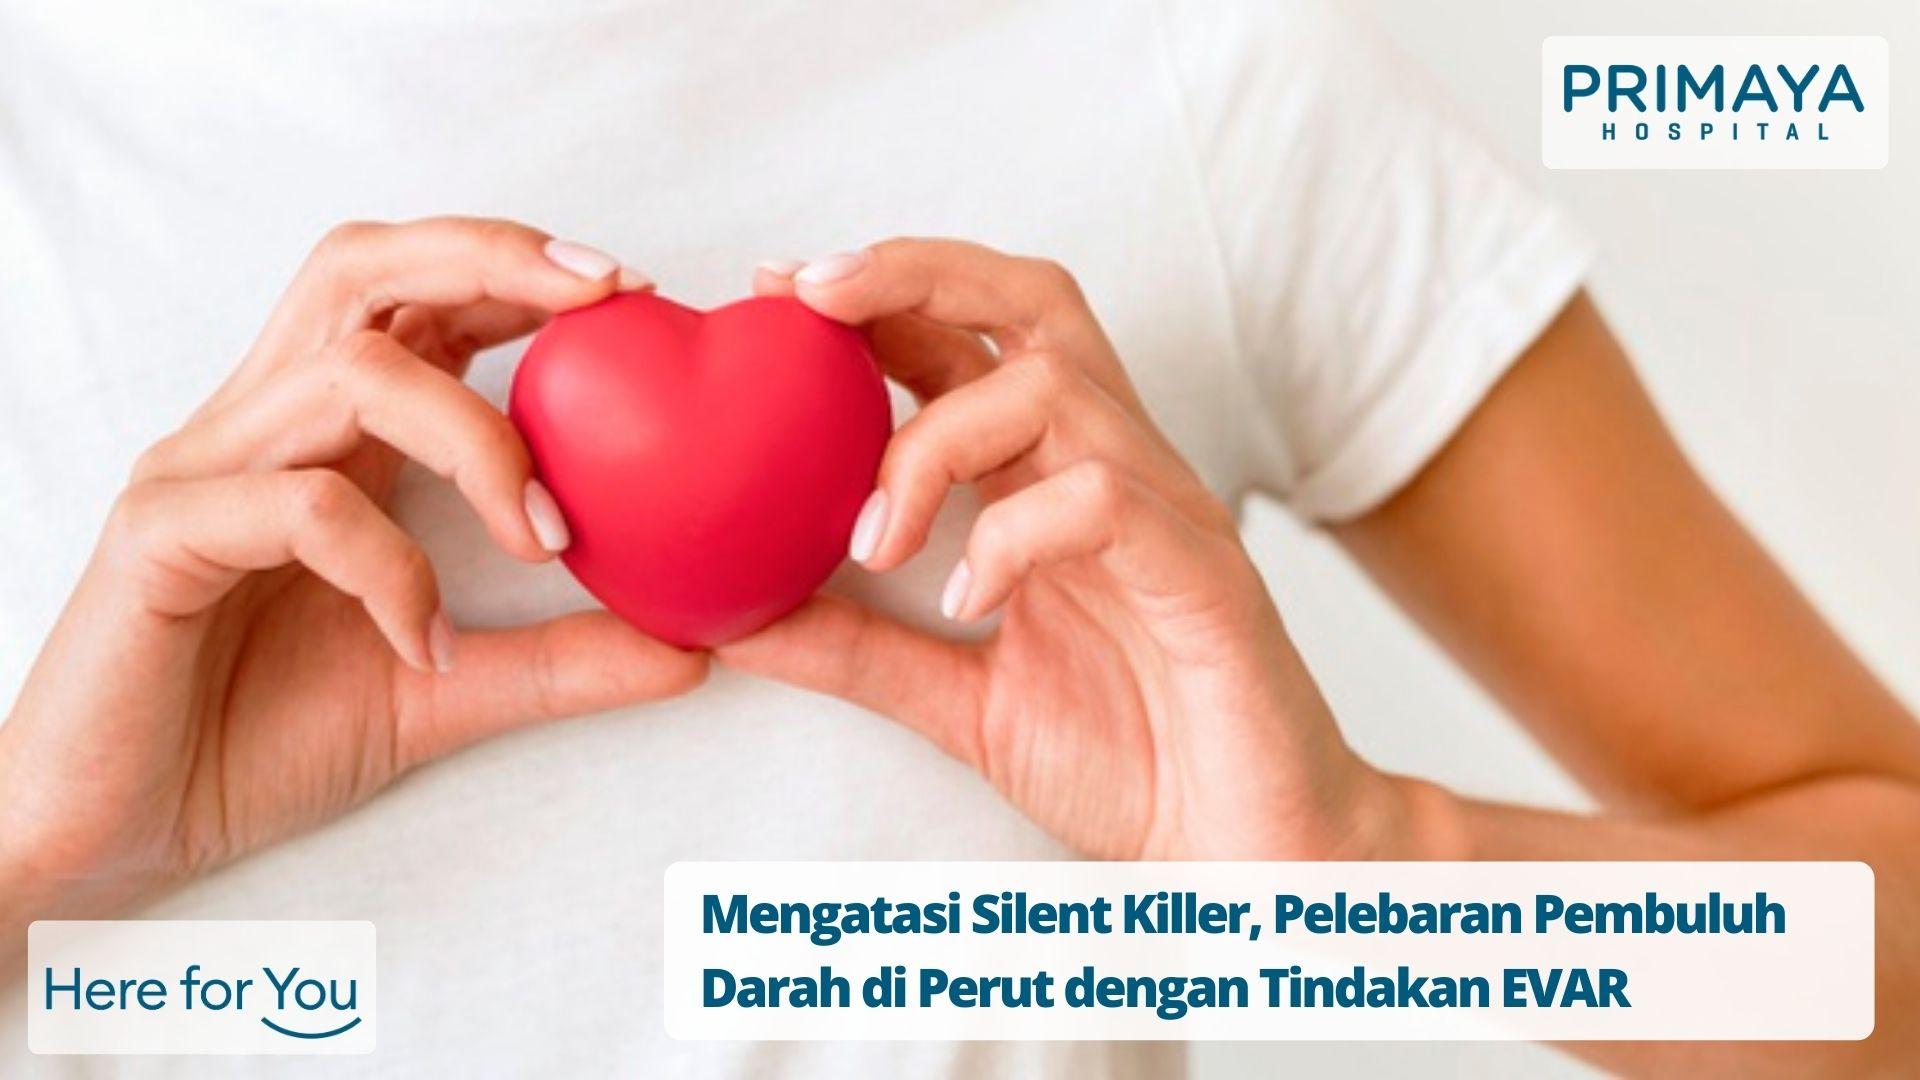 Mengatasi Silent Killer, Pelebaran Pembuluh Darah di Perut dengan Tindakan EVAR